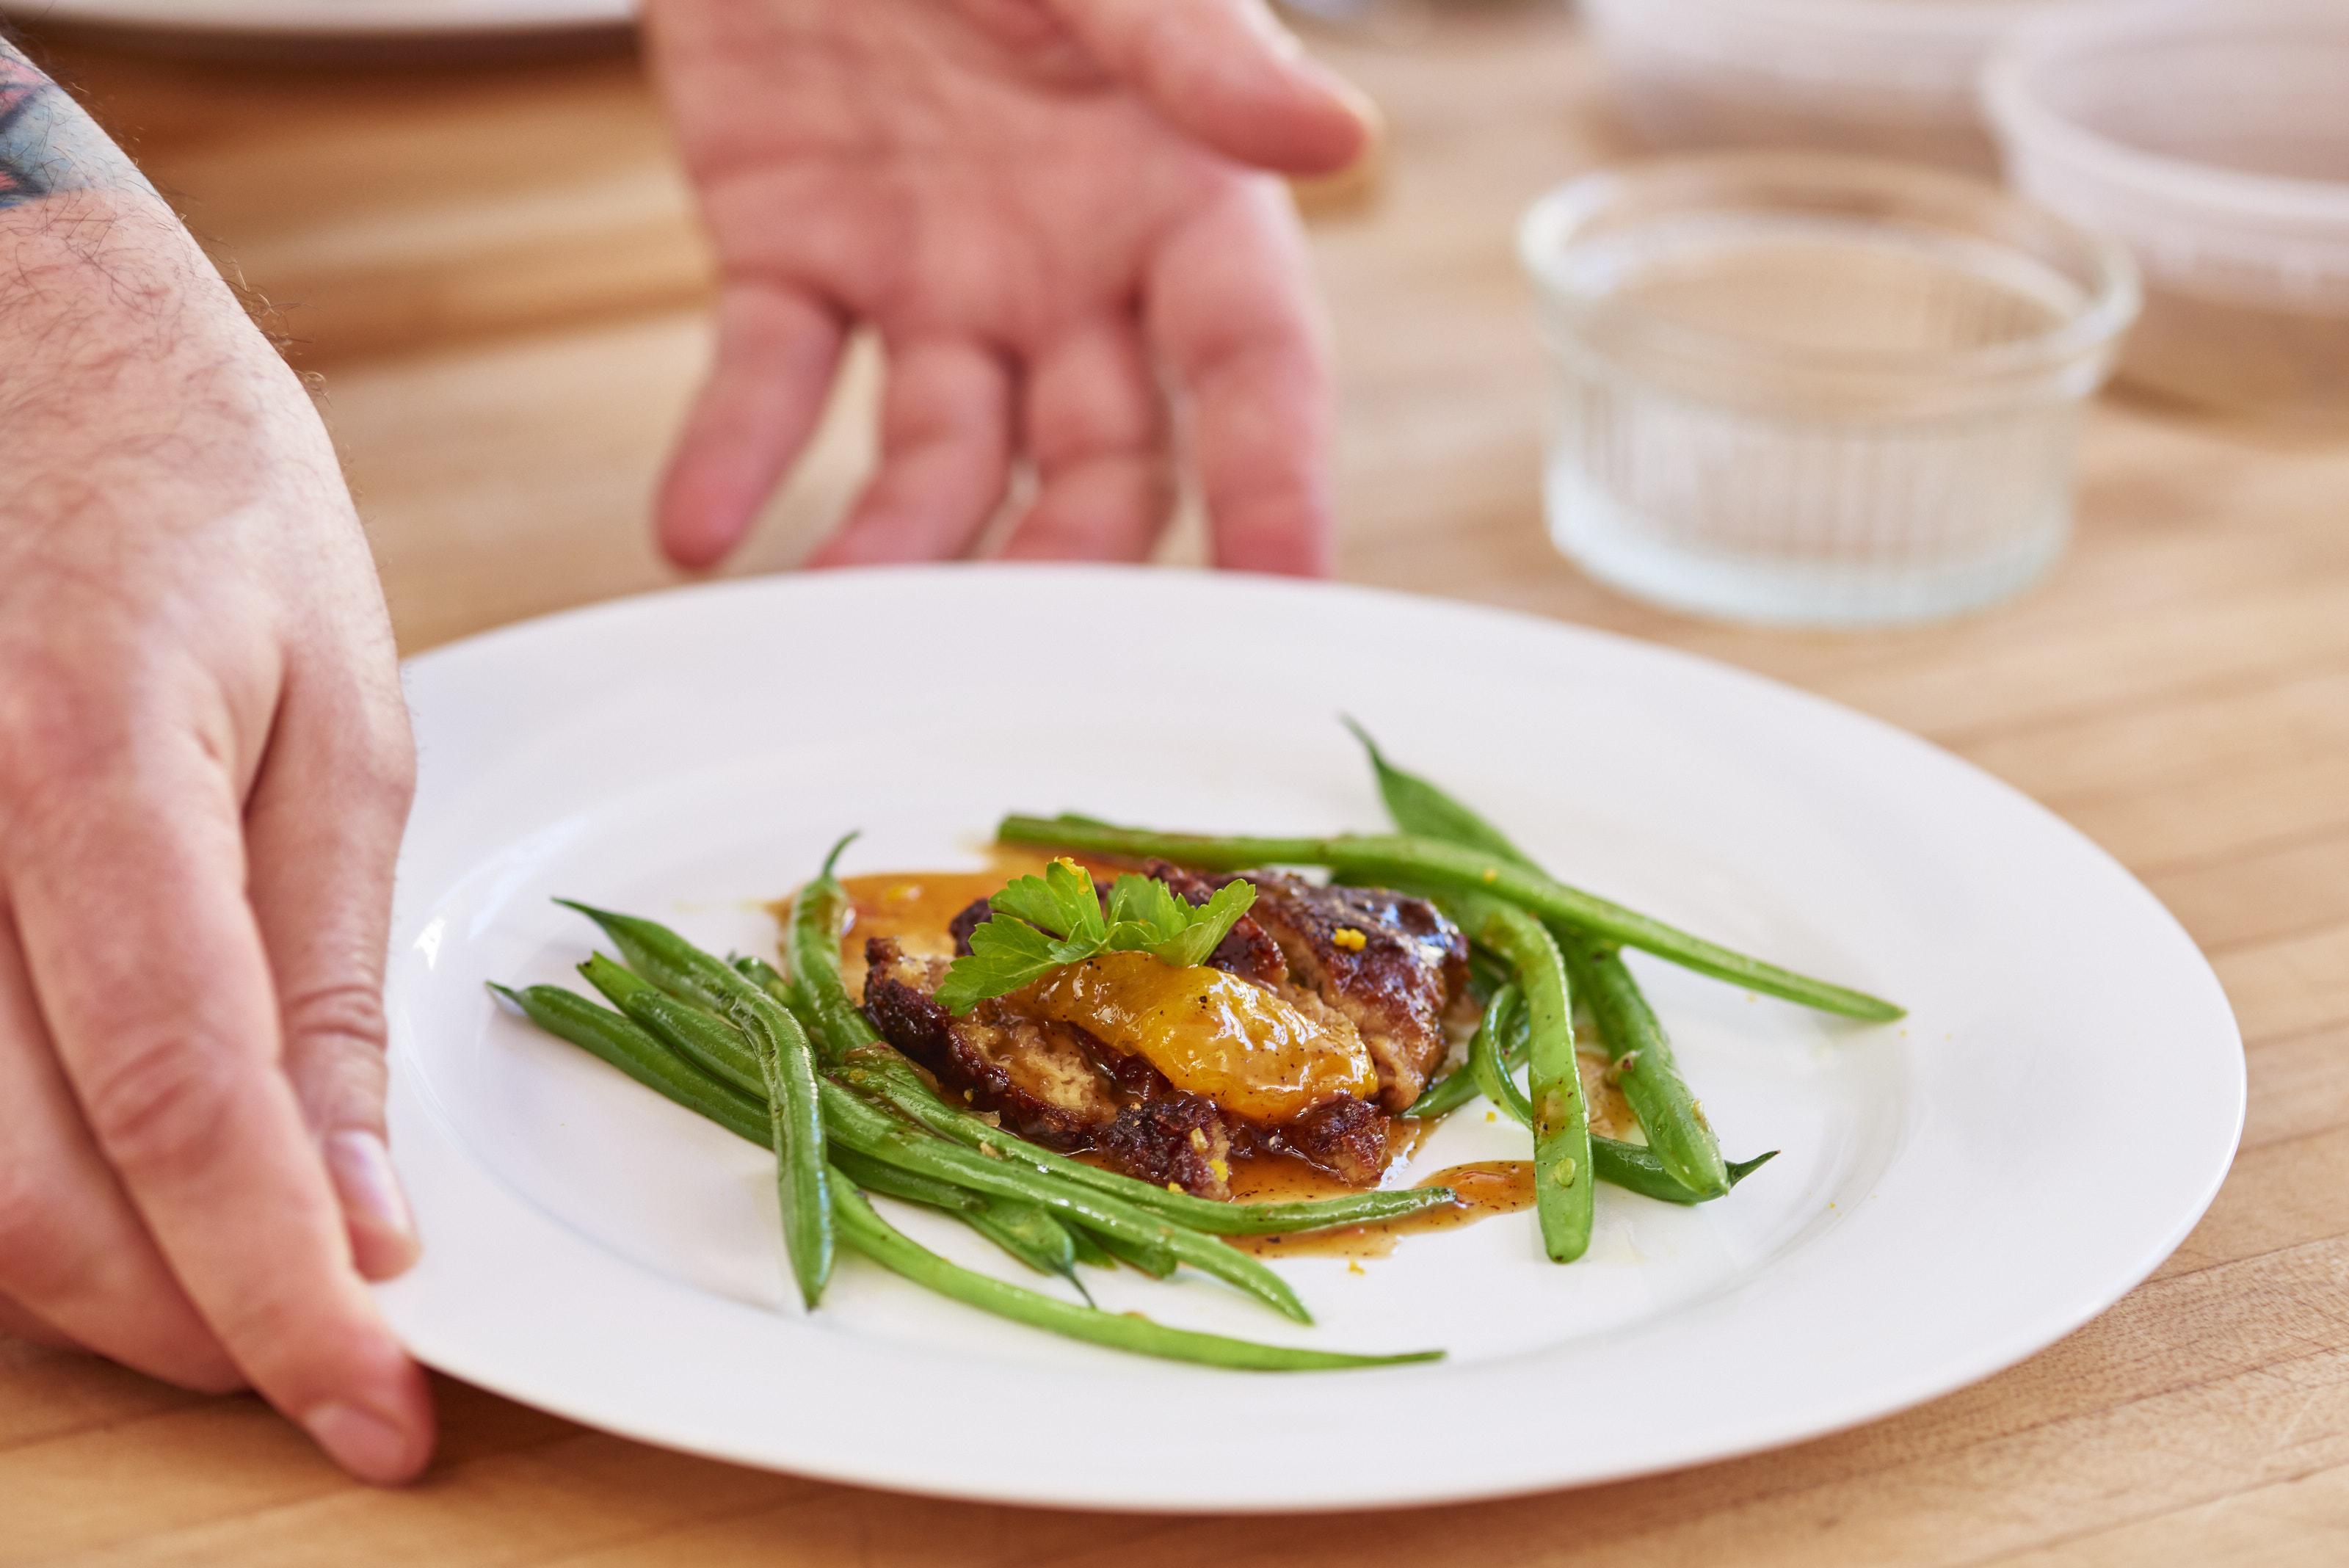 A Memphis Meats kacsahúsából készített narancsos kacsa. Forrás: memphismeats.com